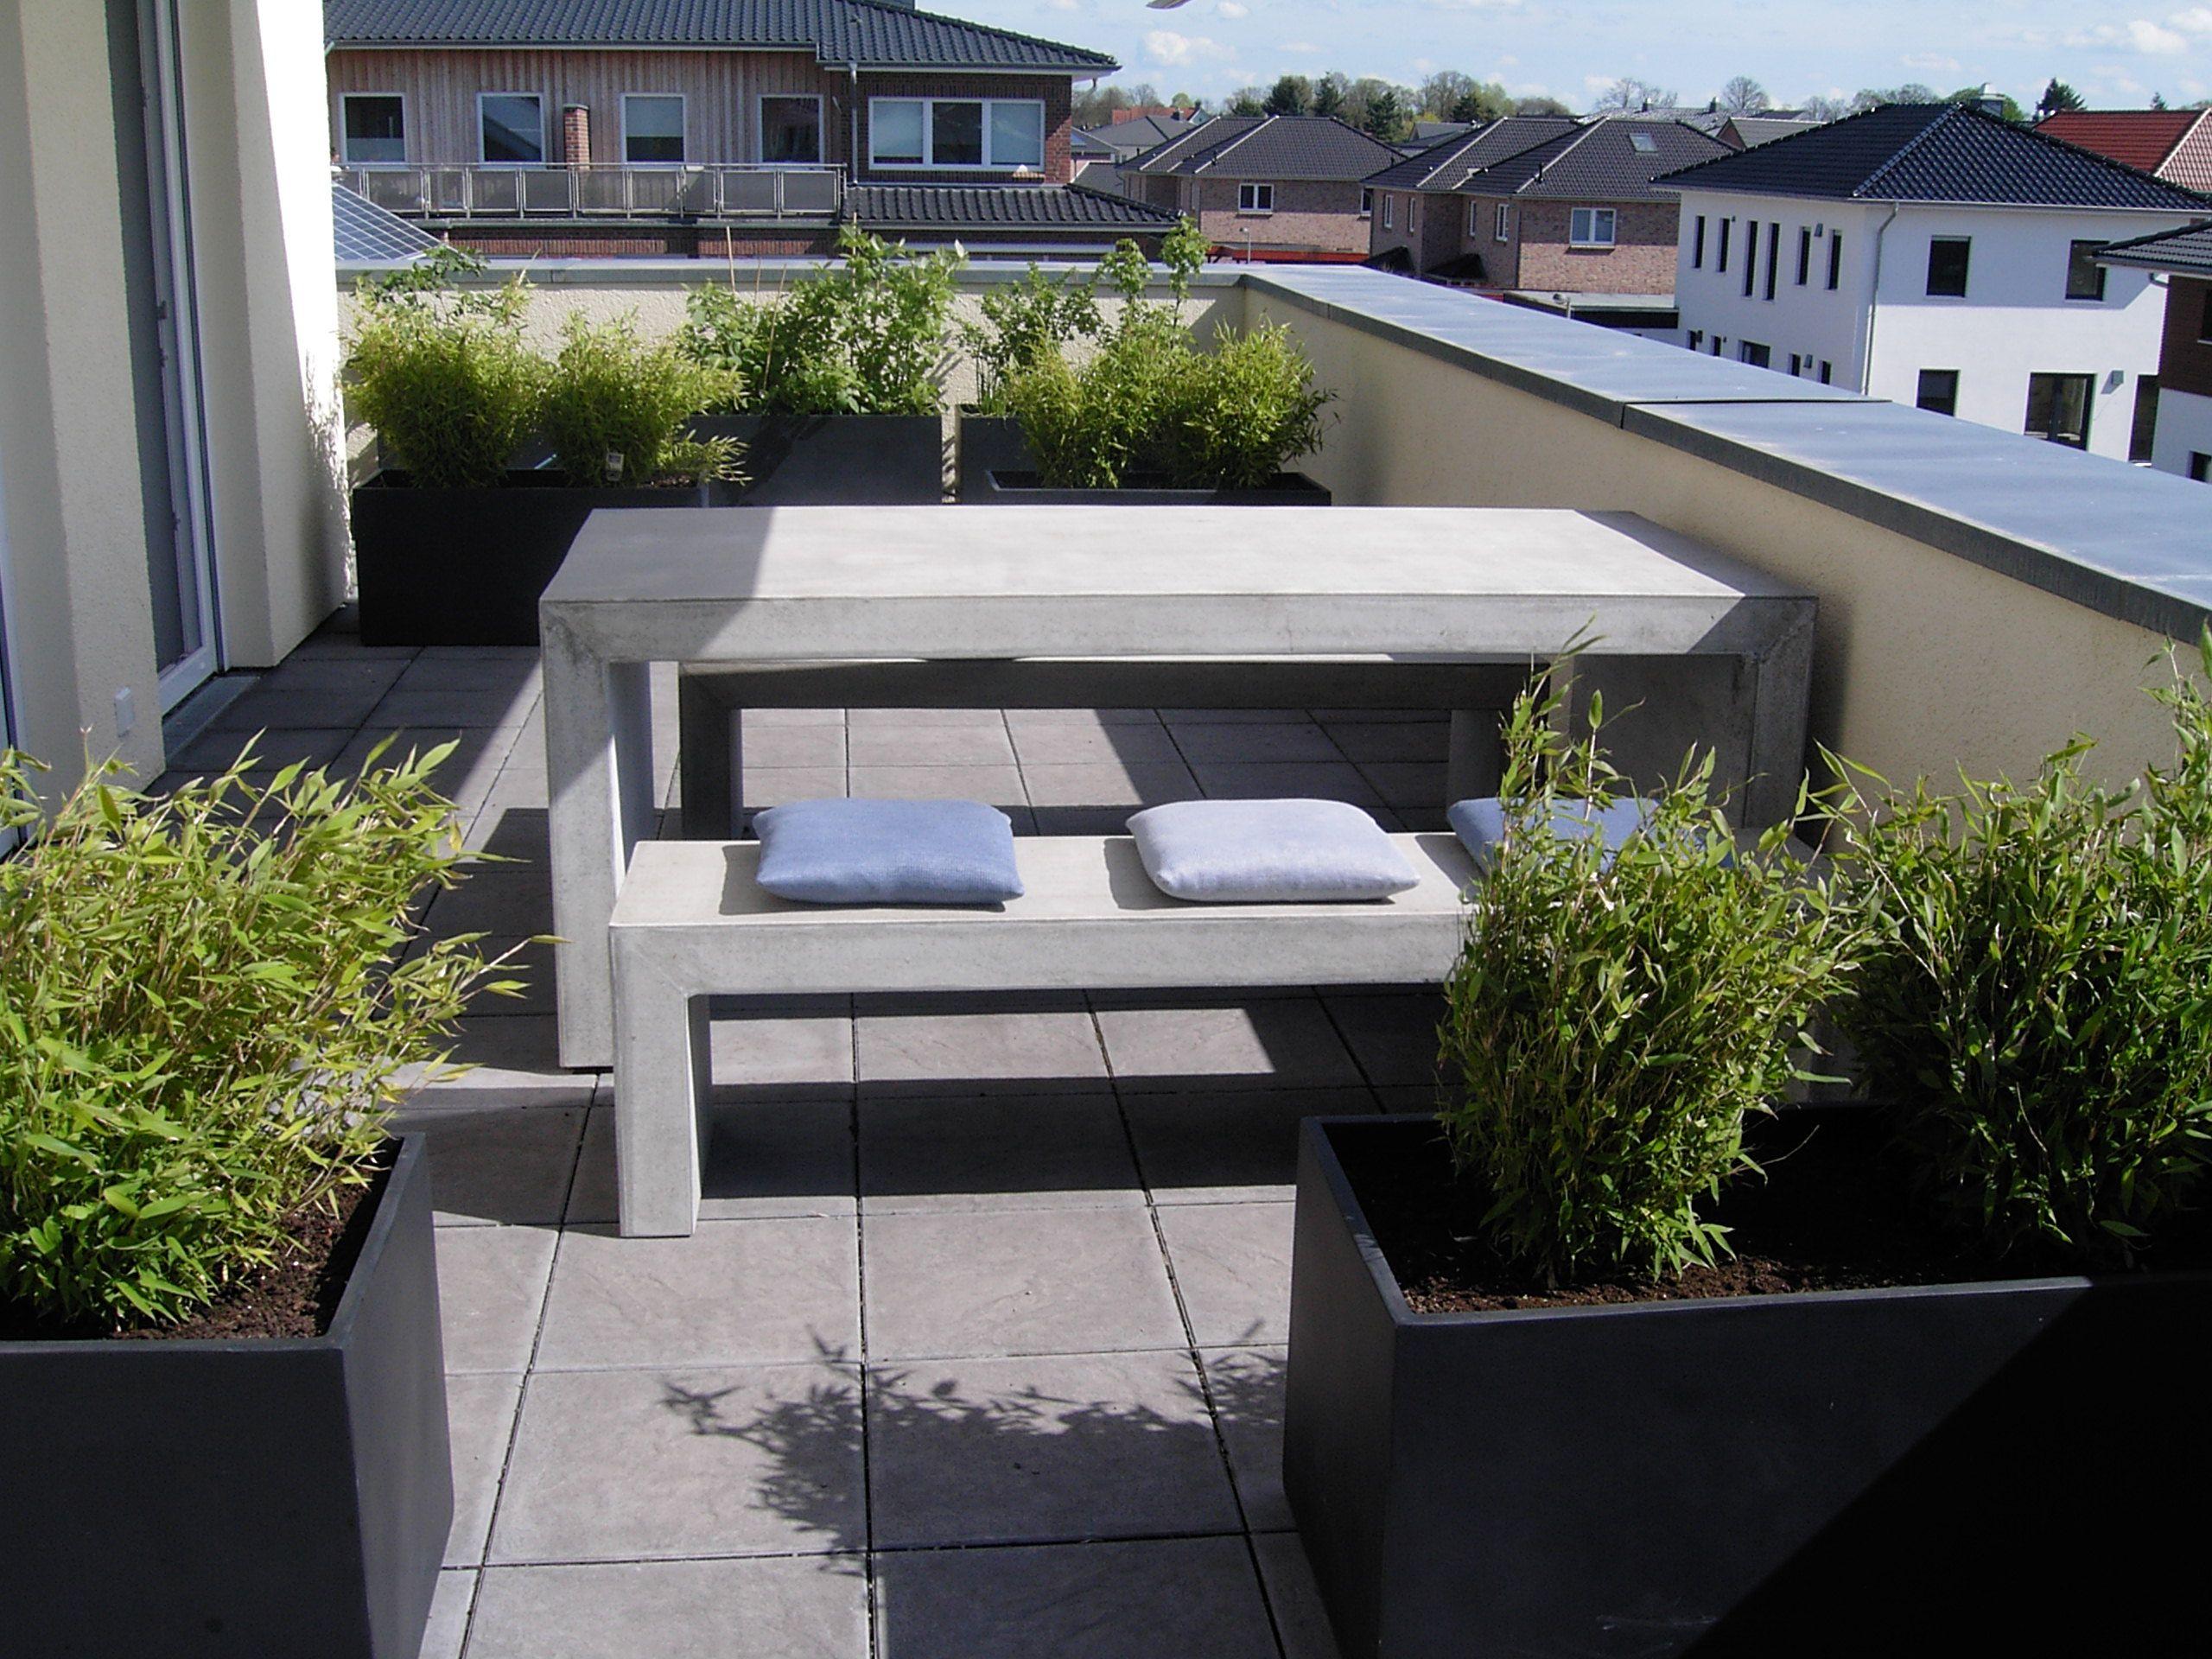 beton | referenzkundenblog von pflanzkübeln – ae trade online